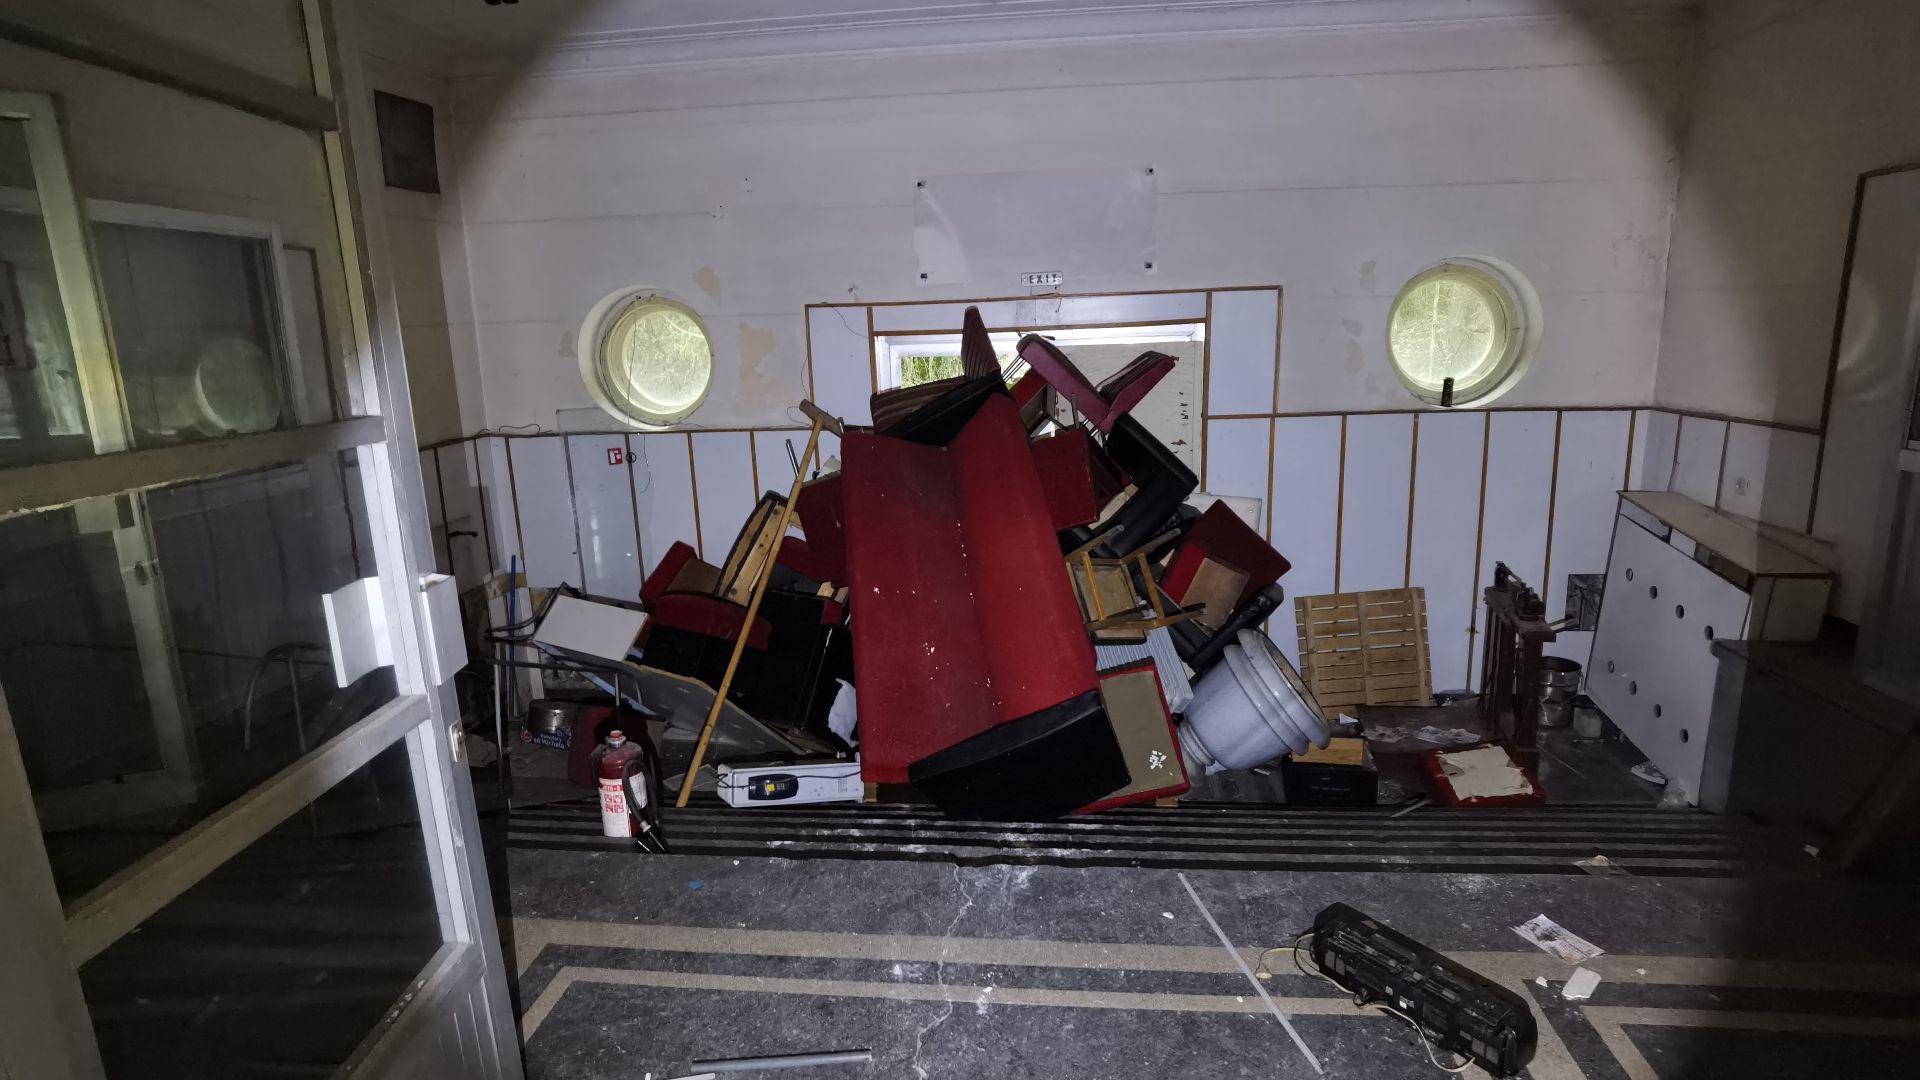 На барикадирания вход се вижда и част от счупаната мраморна ваза